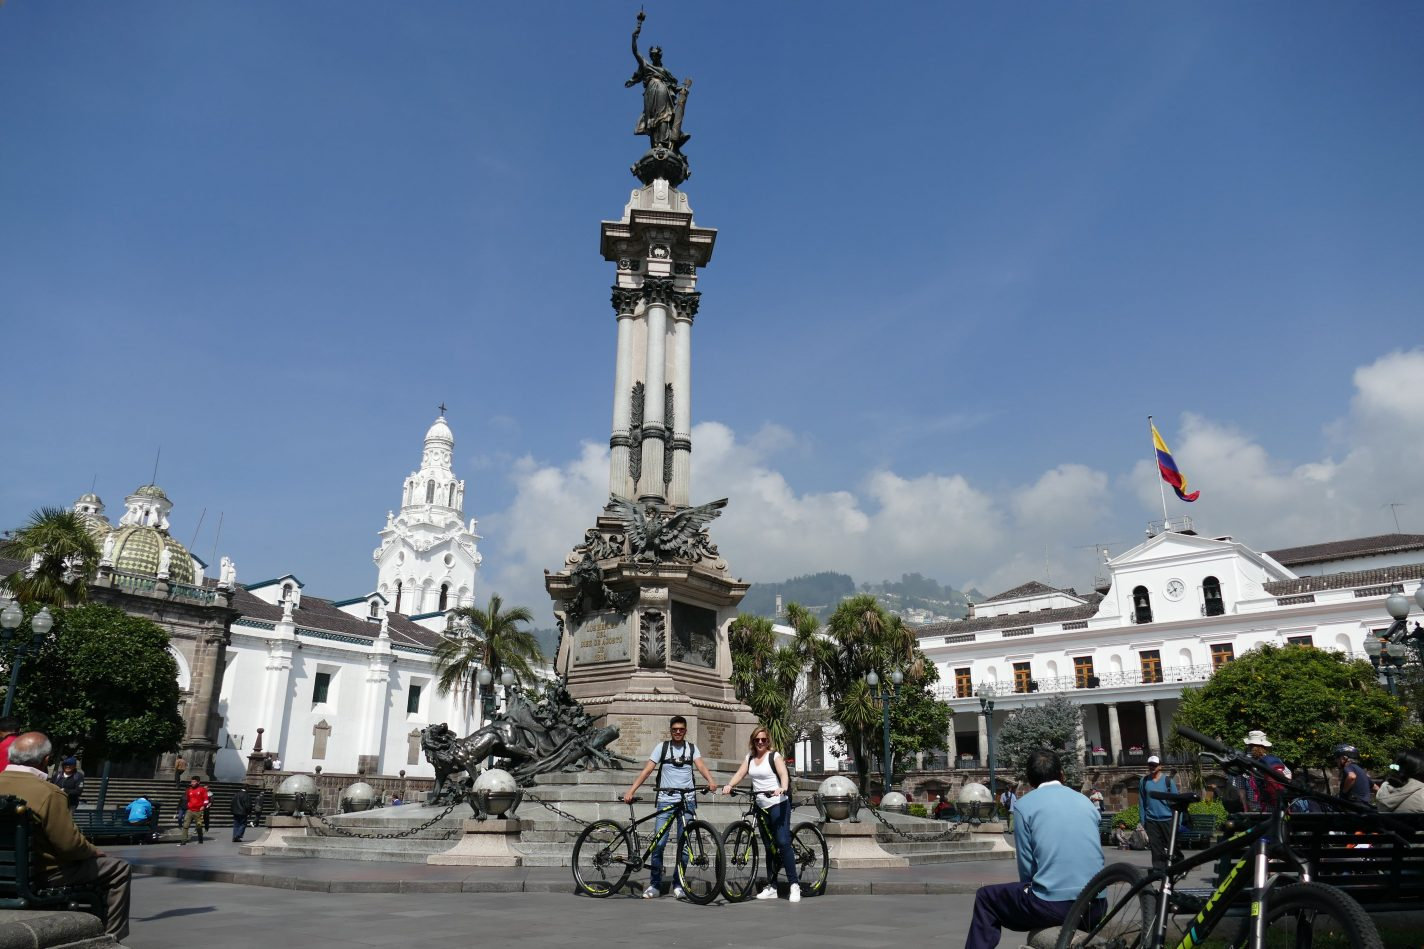 de Plaza Grande